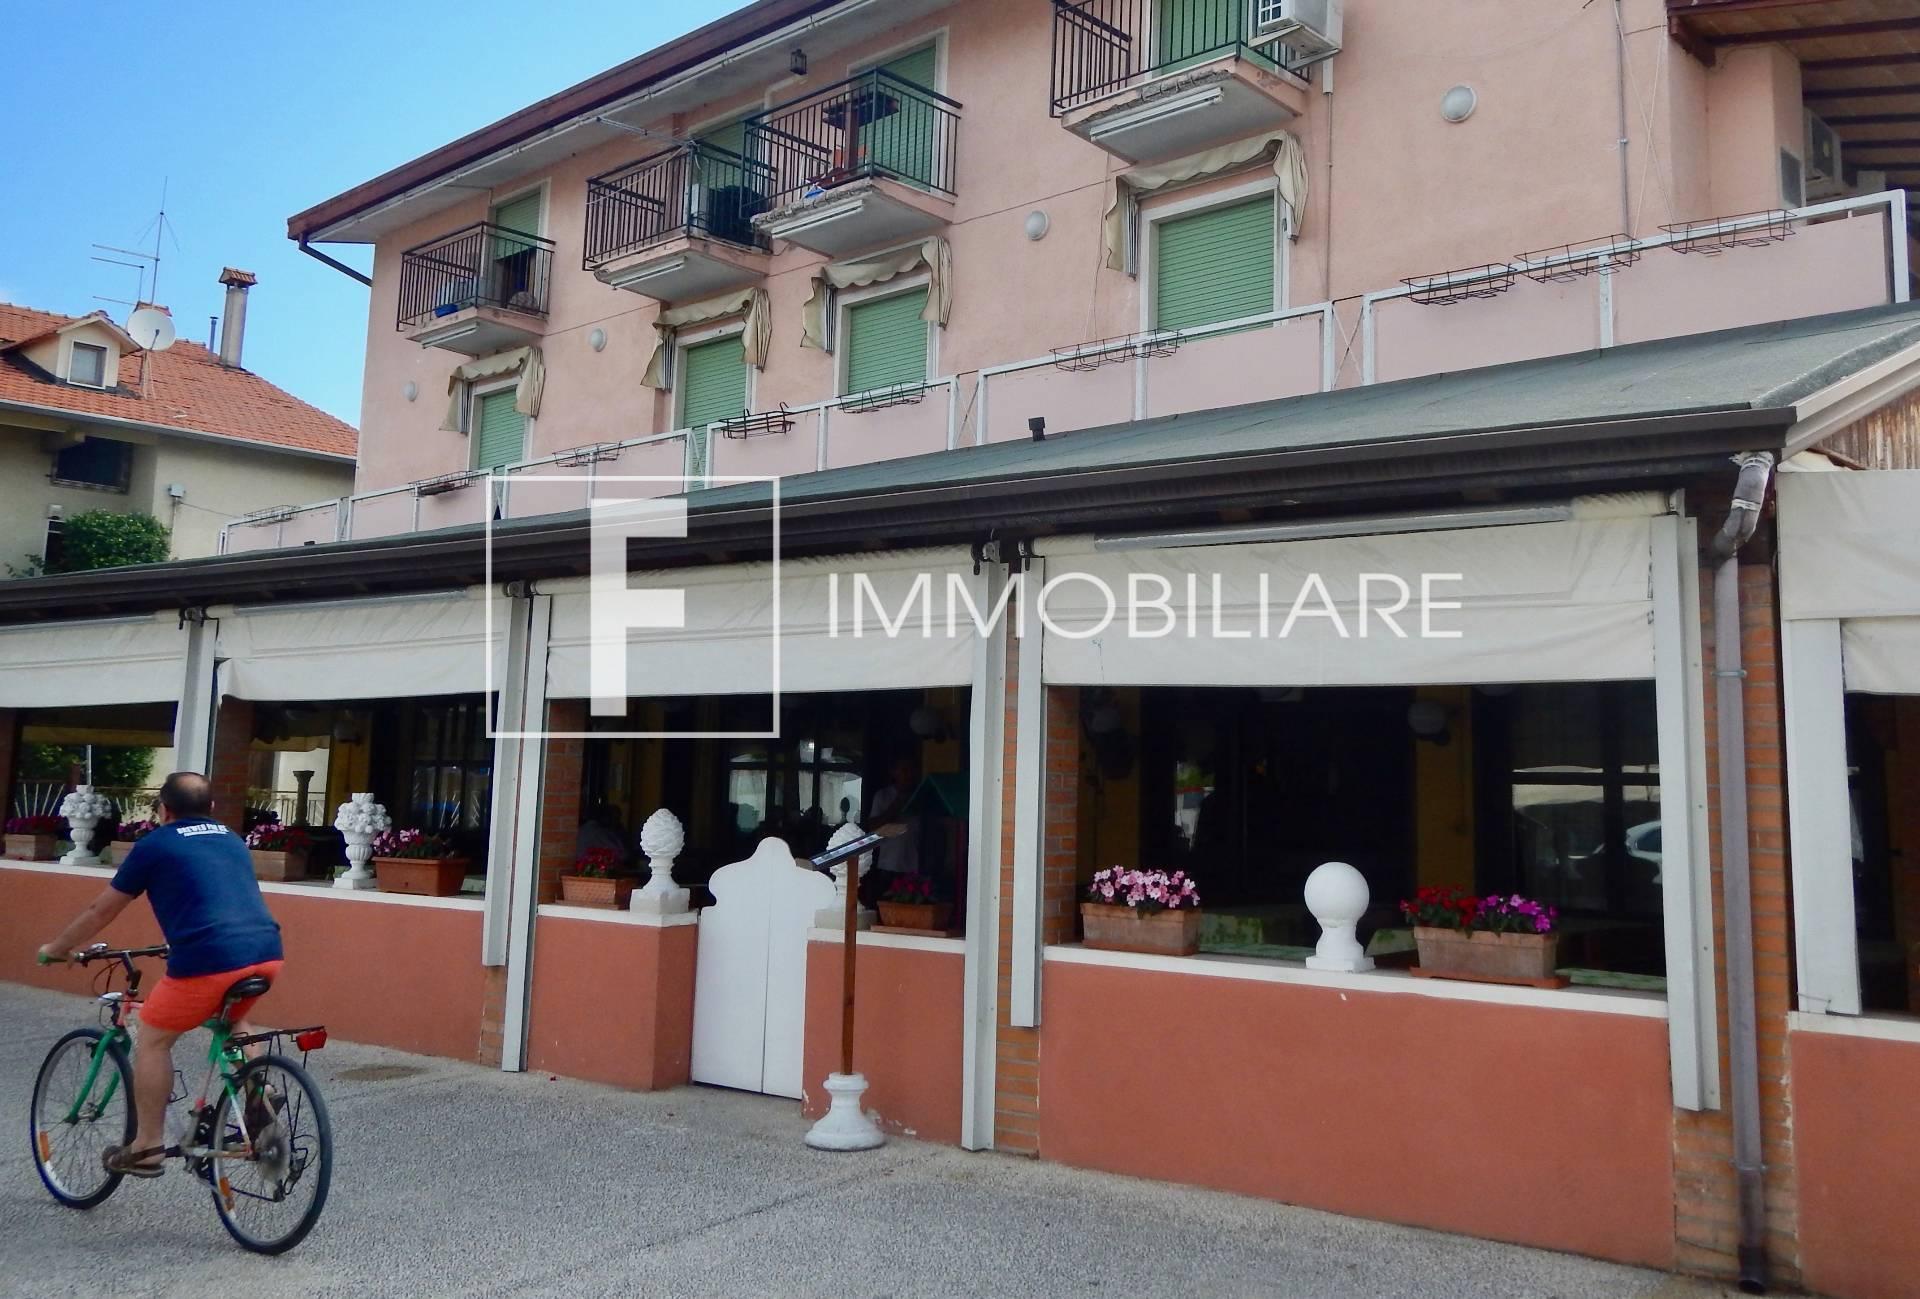 FONDO COMMERCIALE in Vendita a Ca' Savio, Cavallino Treporti (VENEZIA)